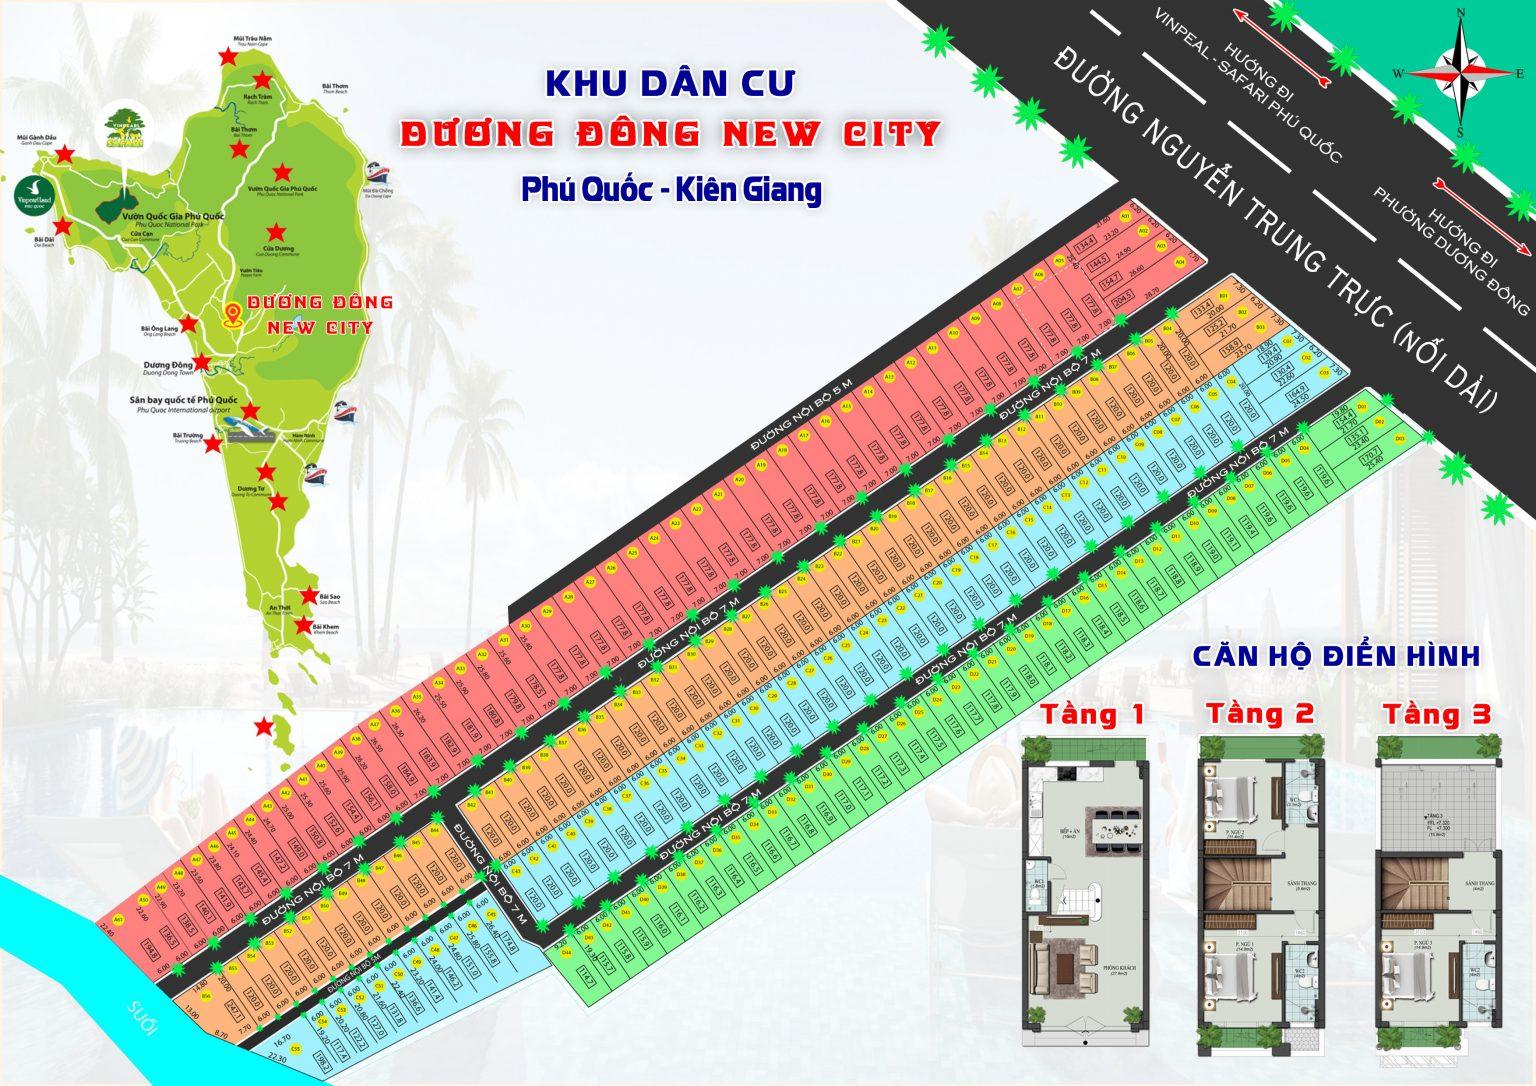 Dương Đông New City và nhiều dấu hiệu sai phạm về quản lý, sử dụng tài nguyên đất đai tại Phú Quốc (Kỳ 2)